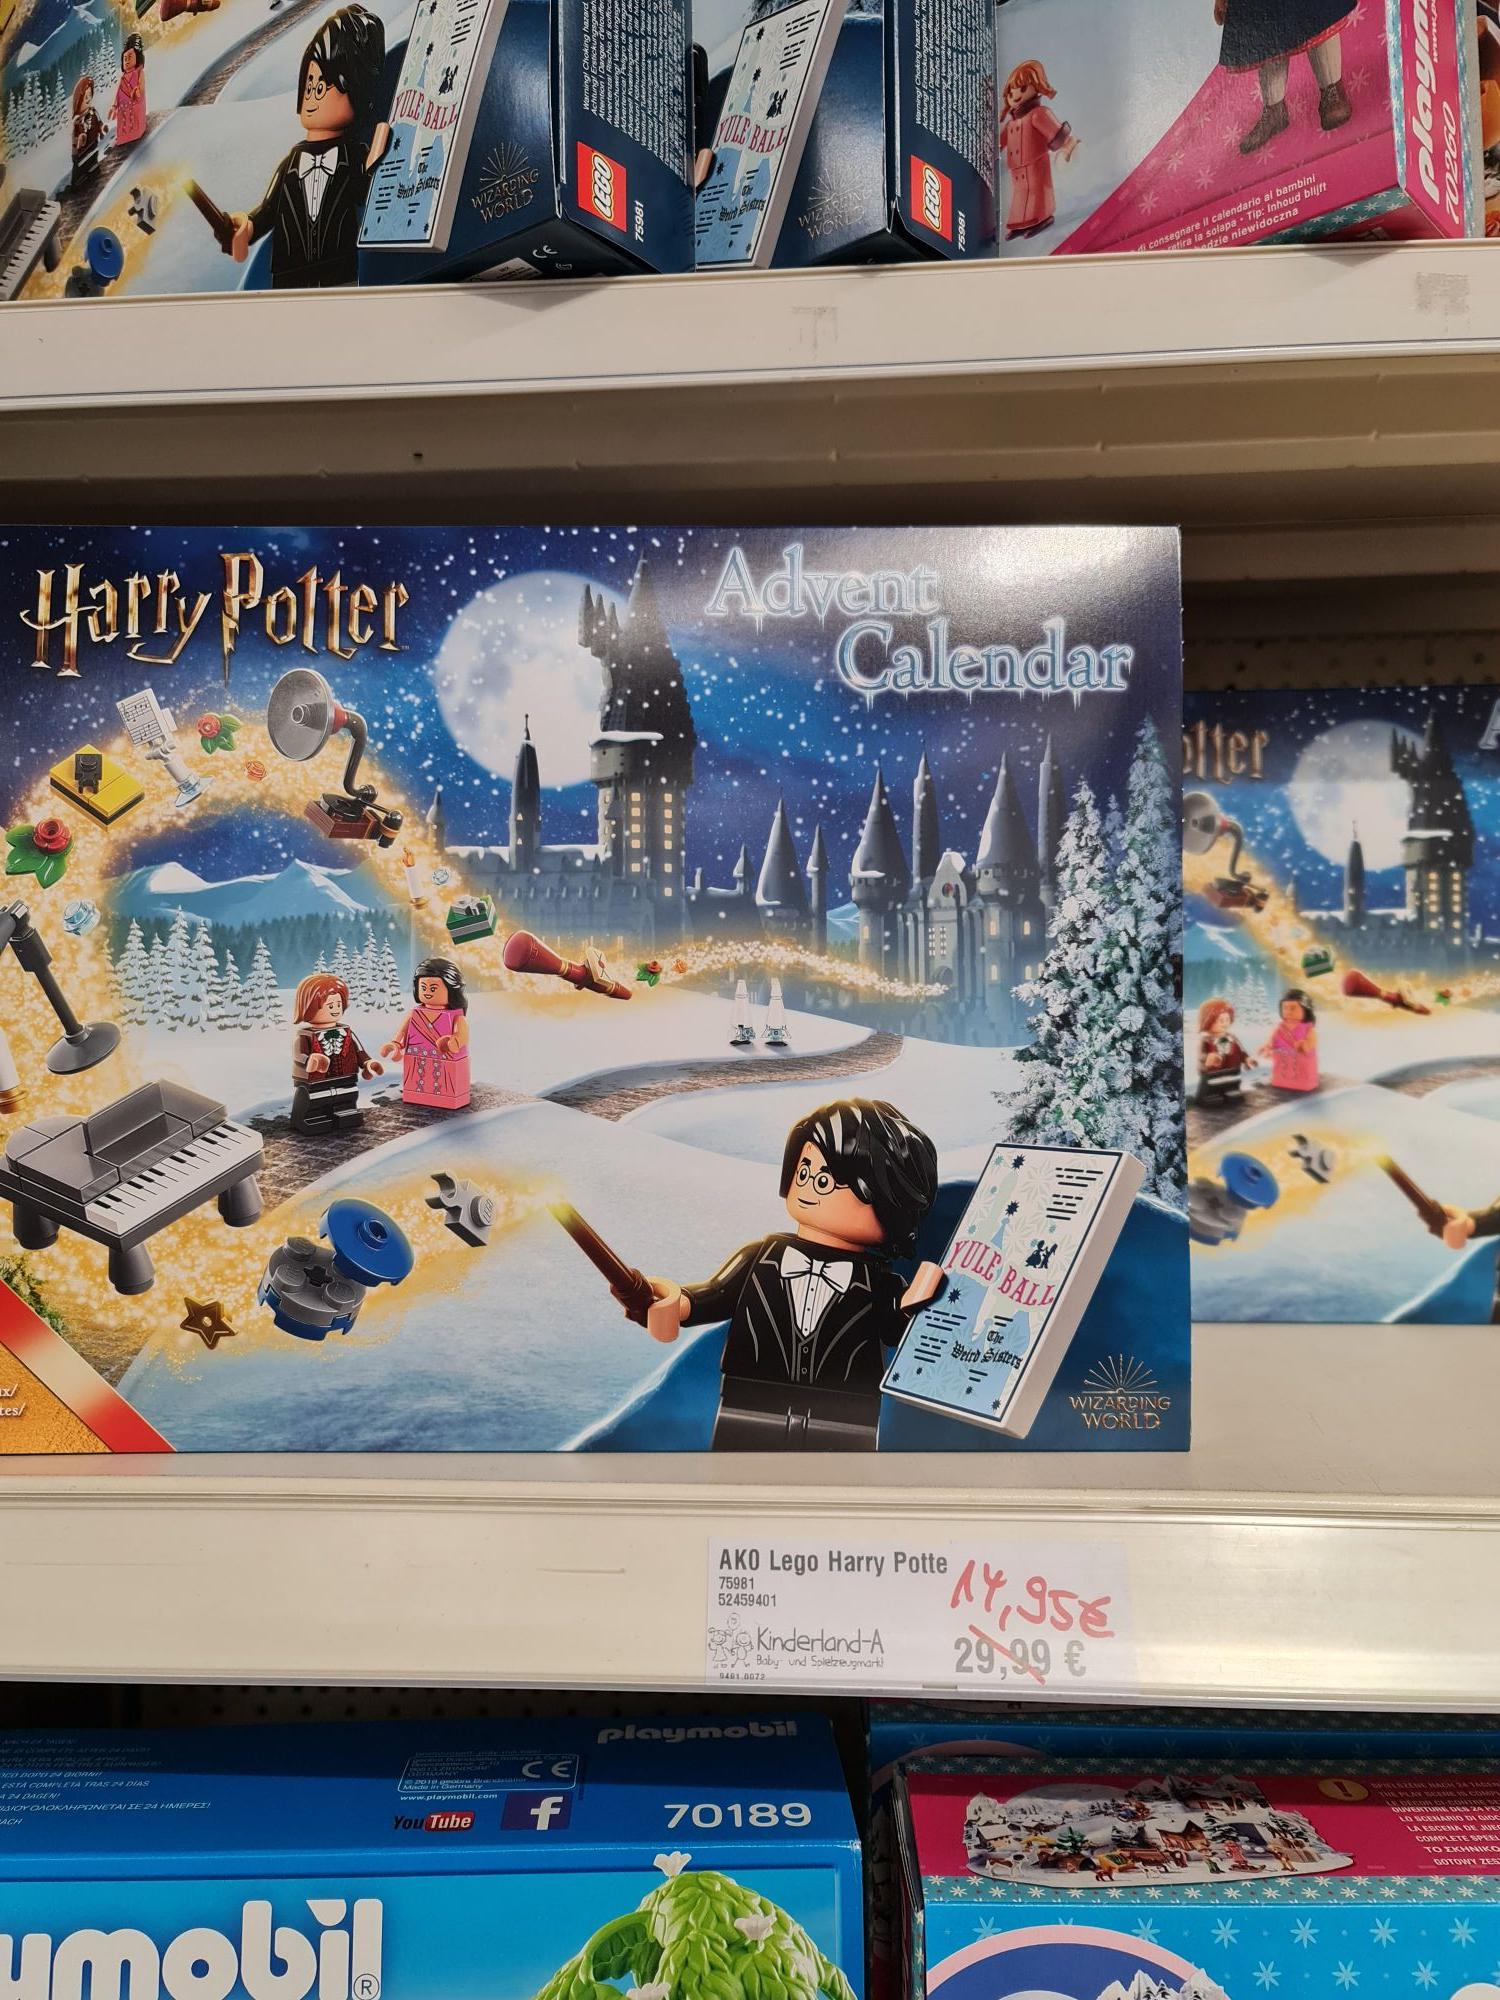 (lokal) Lego Harry Potter Adventskalender 75981 Ahaus Kinderland